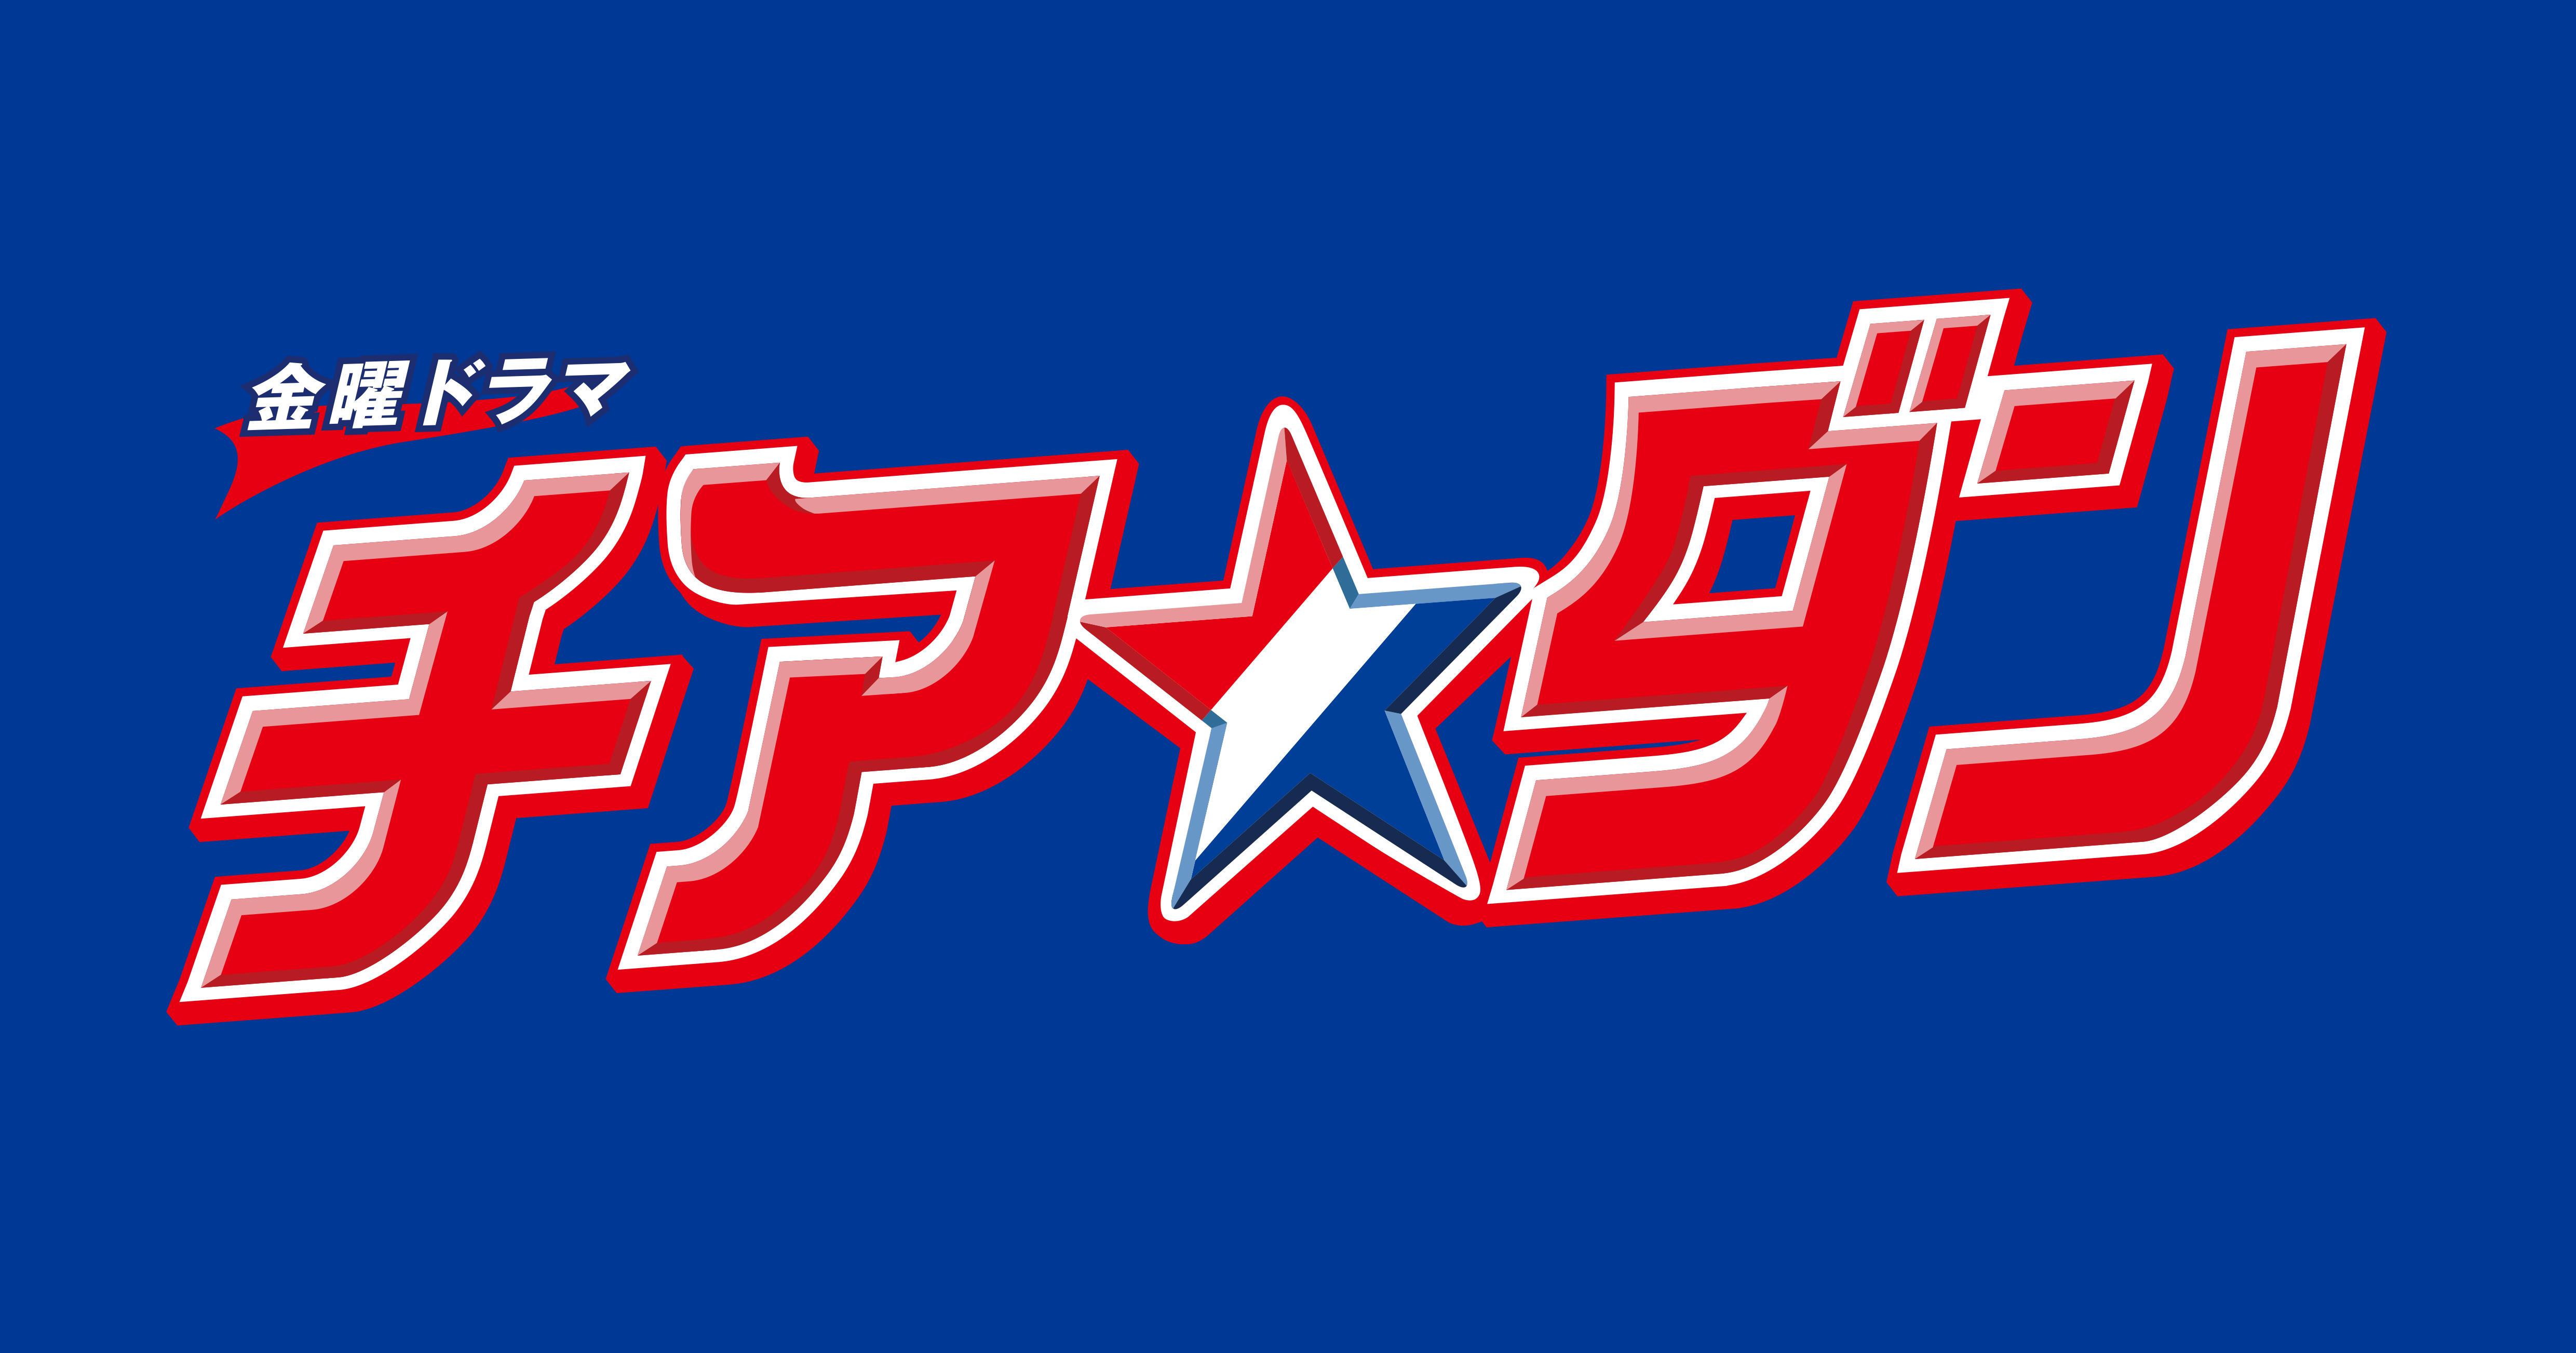 CD_logo_960x1218.jpg